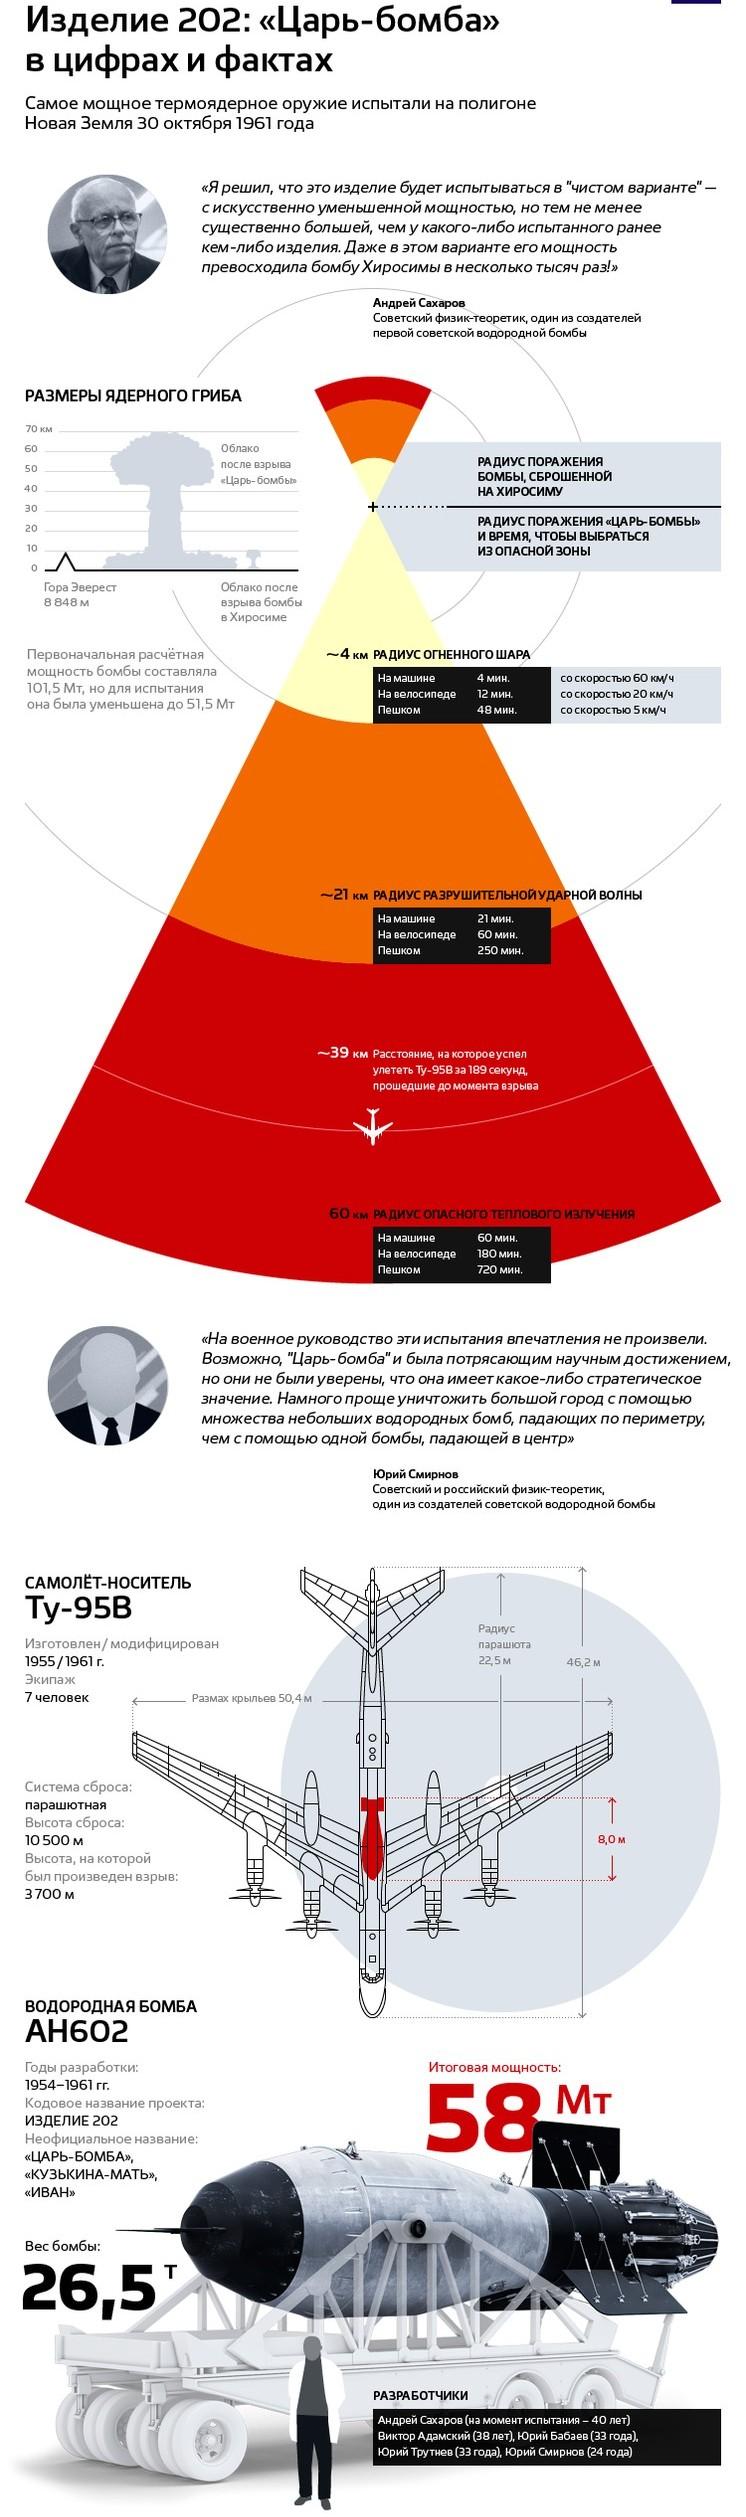 59 лет назад мир содрогнулся: В СССР испытали самую мощную в мире Царь-бомбу